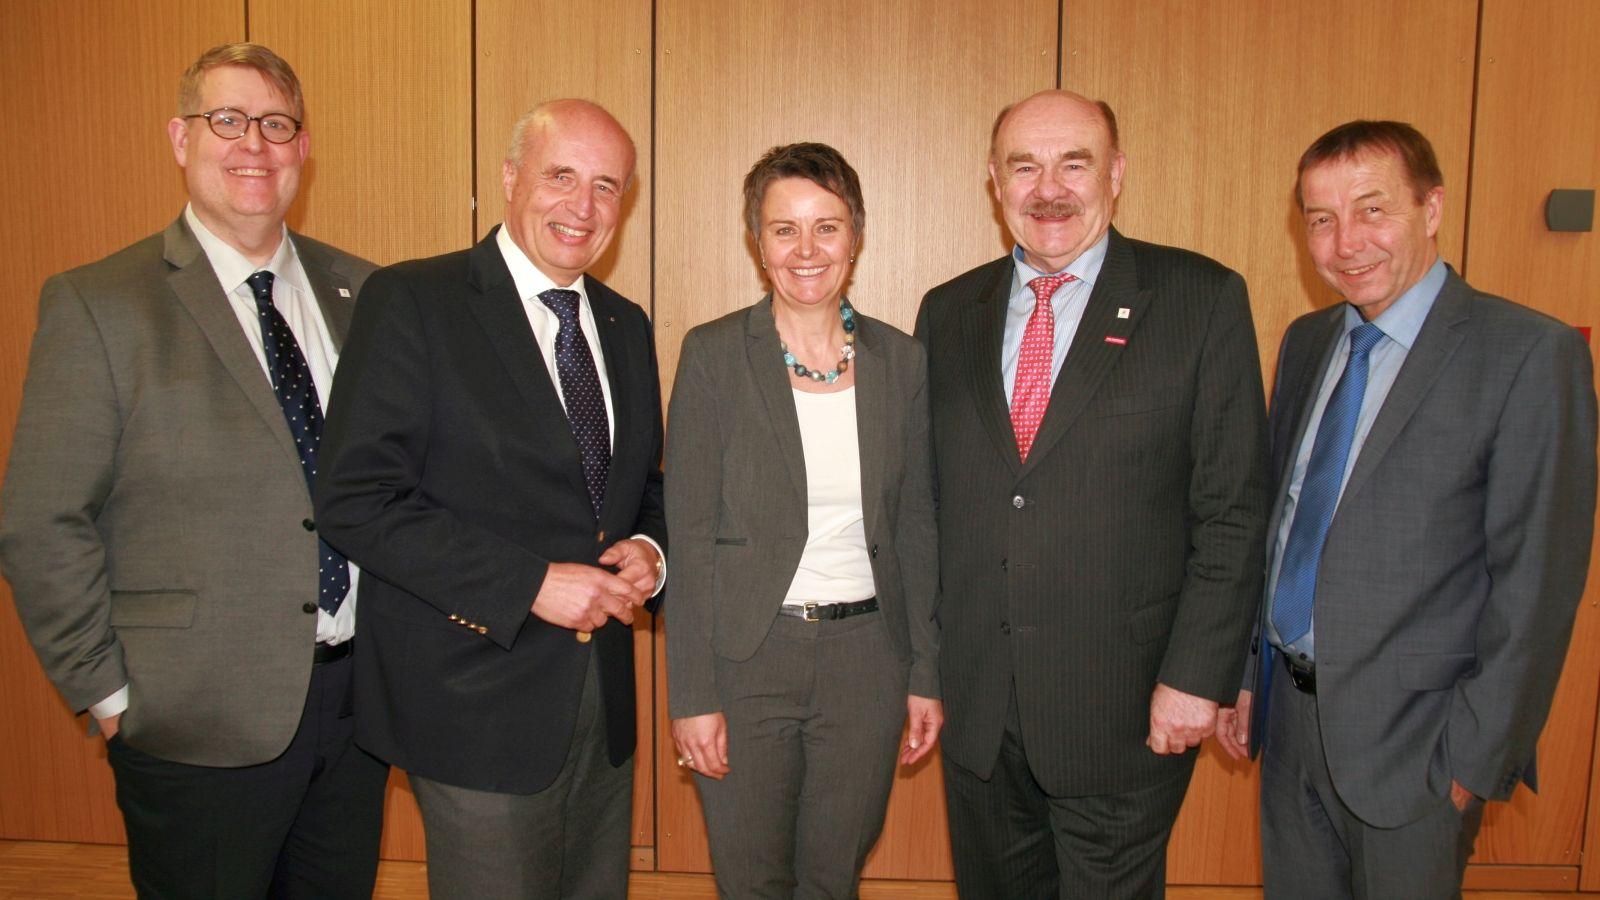 Die neue Aufsichtsrats-Vorsitzende Kirsten Fründt (Mitte) mit ihrem Stellvertreter Rainer Schwarz, Gesellschaftsversammlungs-Vorsitzendem Klaus Repp, dessen Stellvertreter Wolfram Dette und Geschäftsführer Jens Ihle (v.r.n.l.)